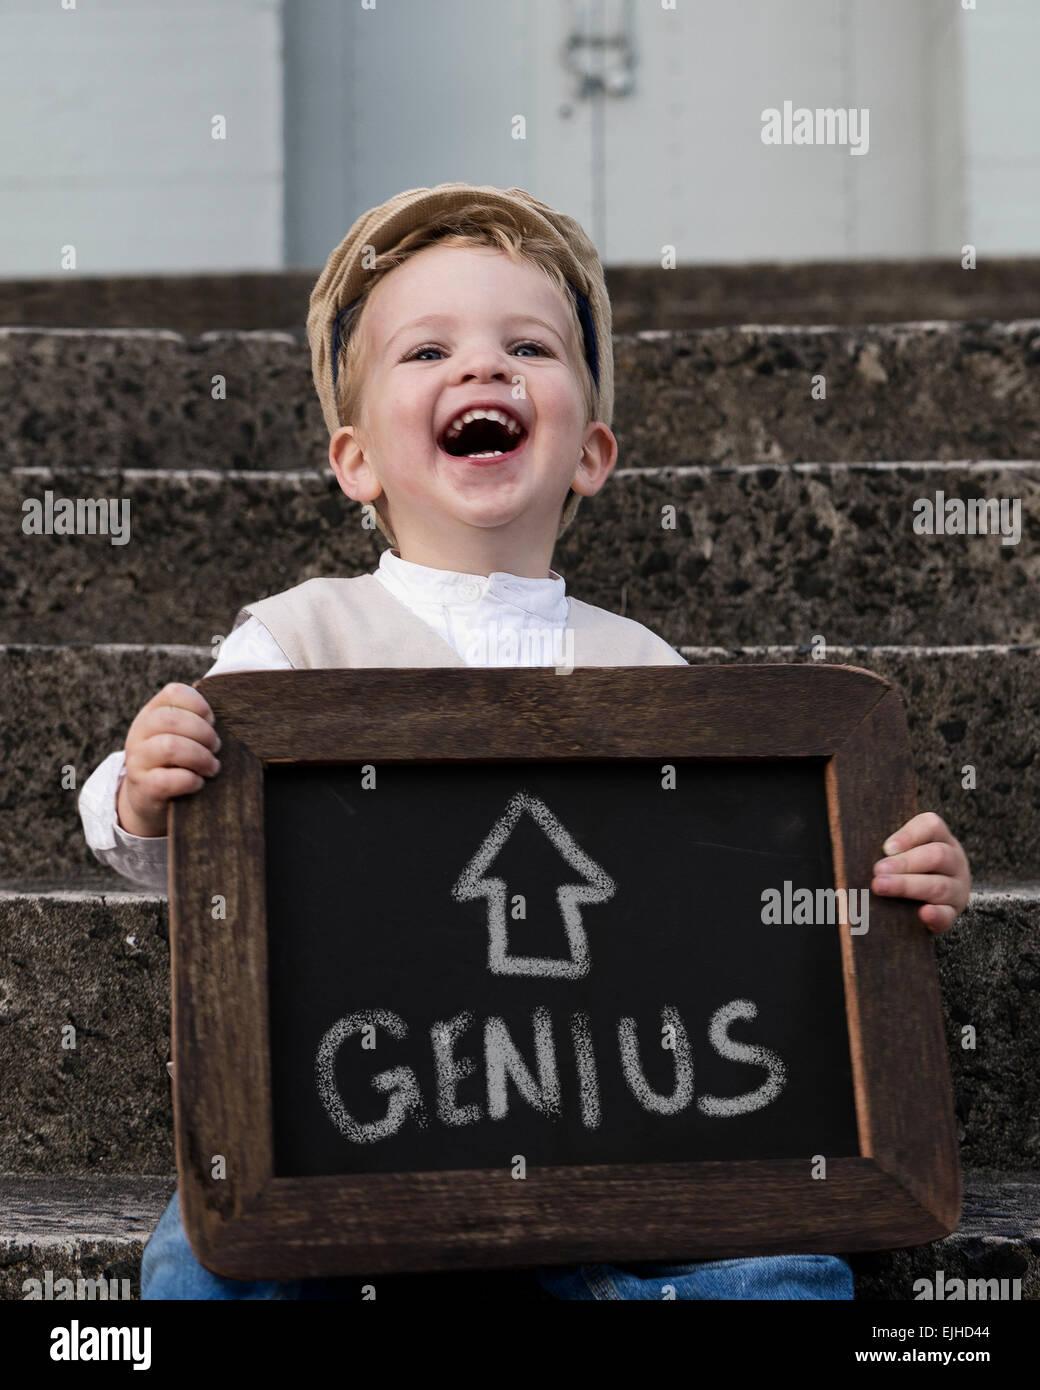 Auto confesado Boy Genius Imagen De Stock